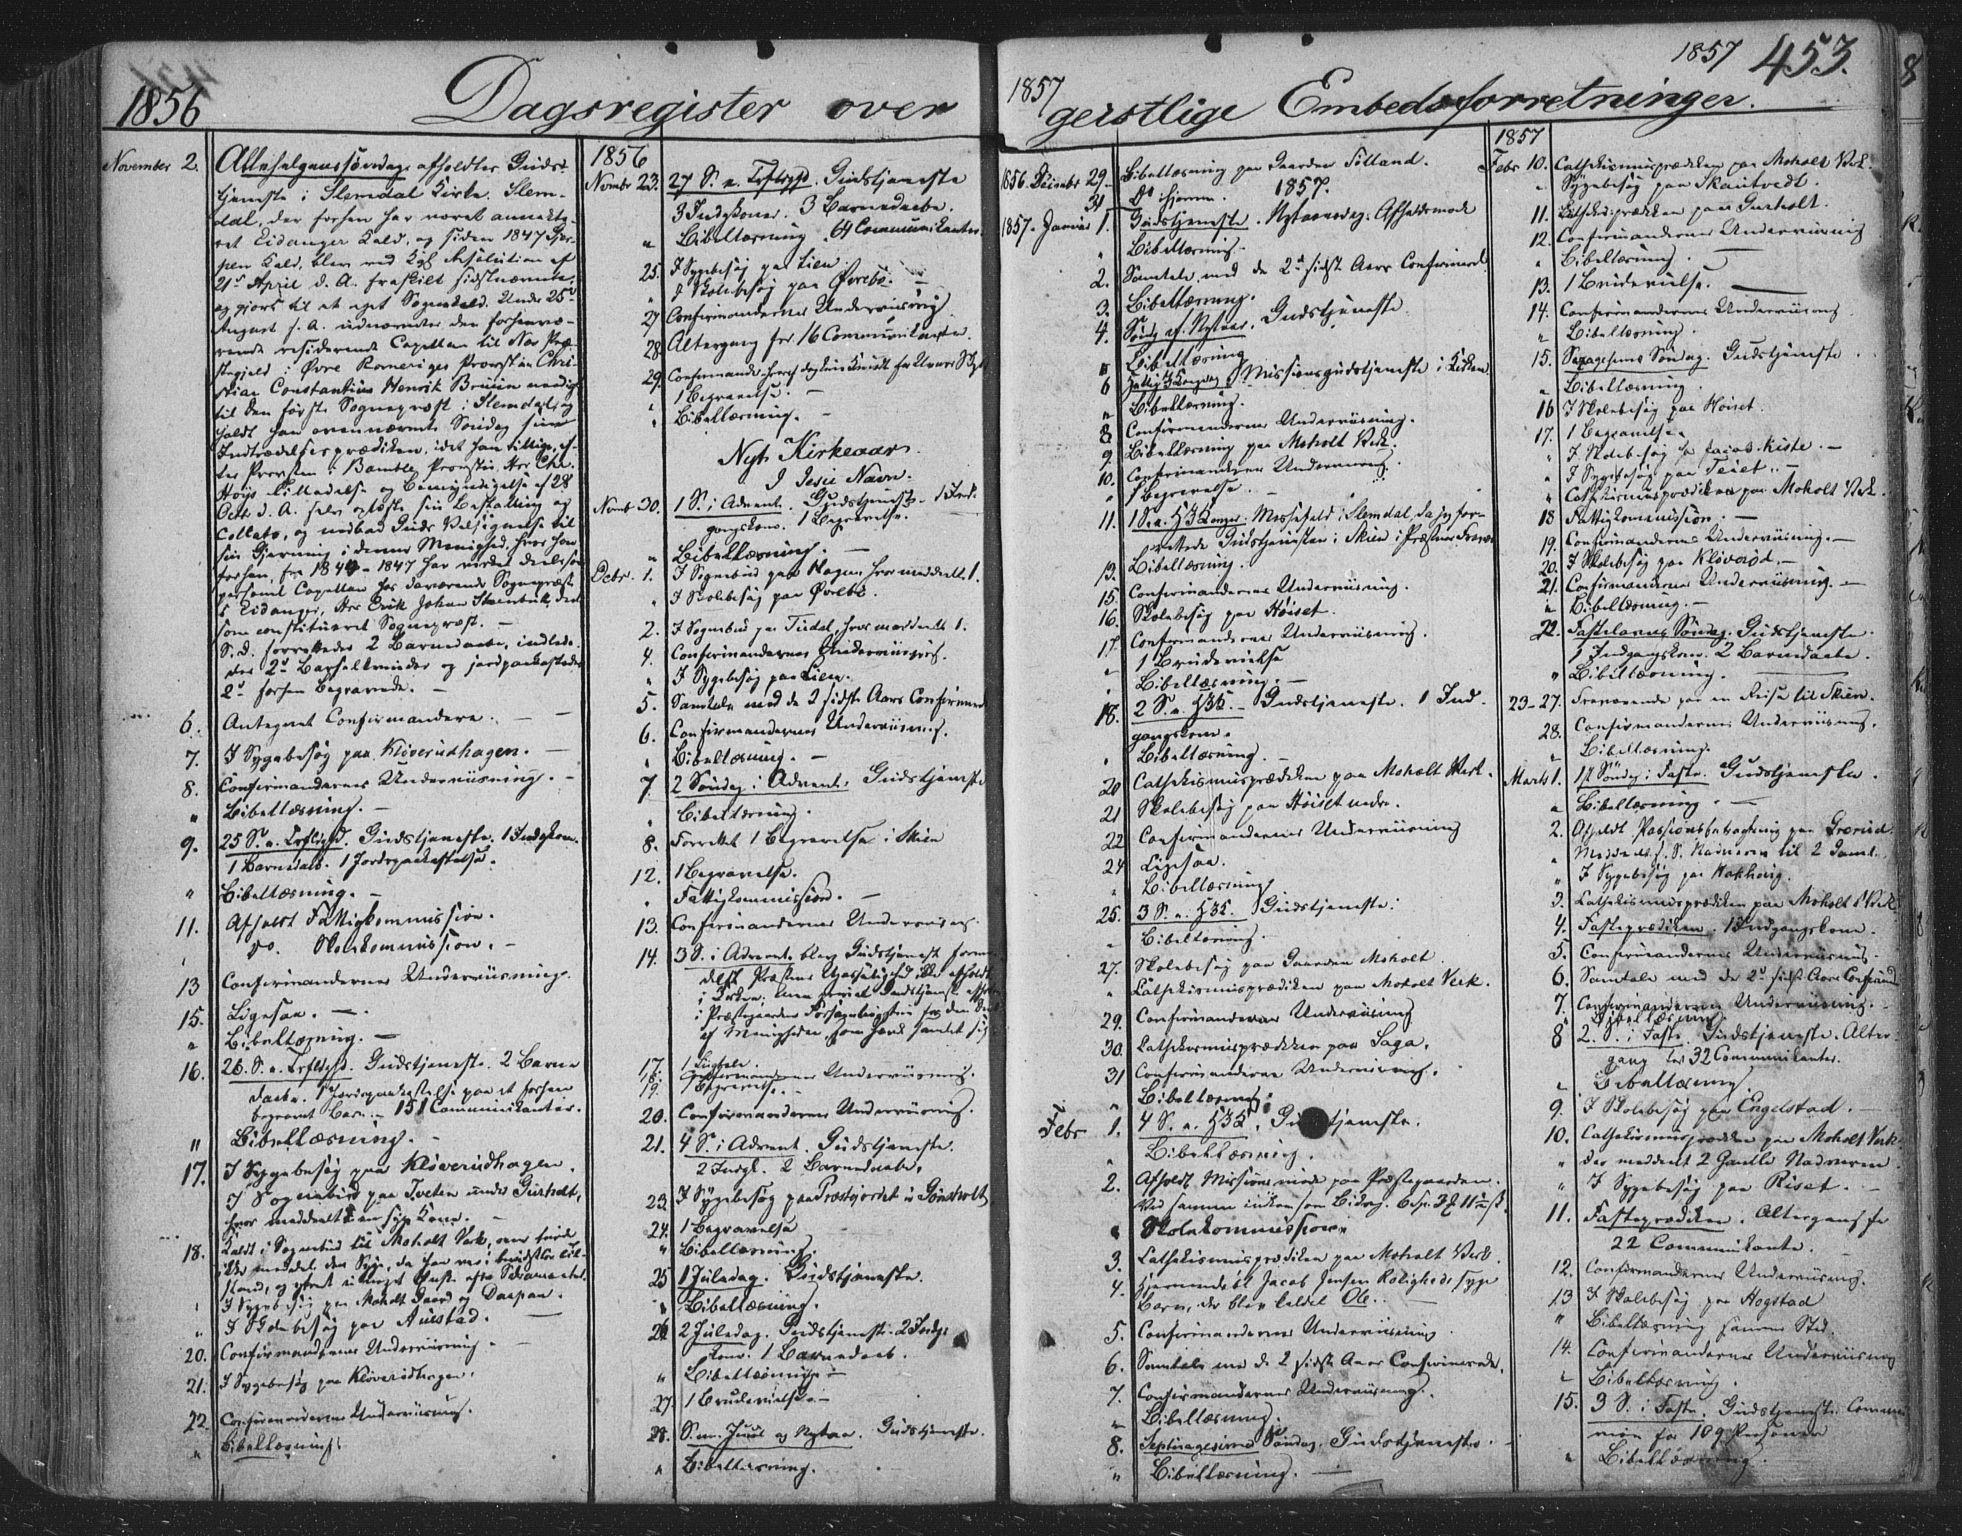 SAKO, Siljan kirkebøker, F/Fa/L0001: Ministerialbok nr. 1, 1831-1870, s. 453